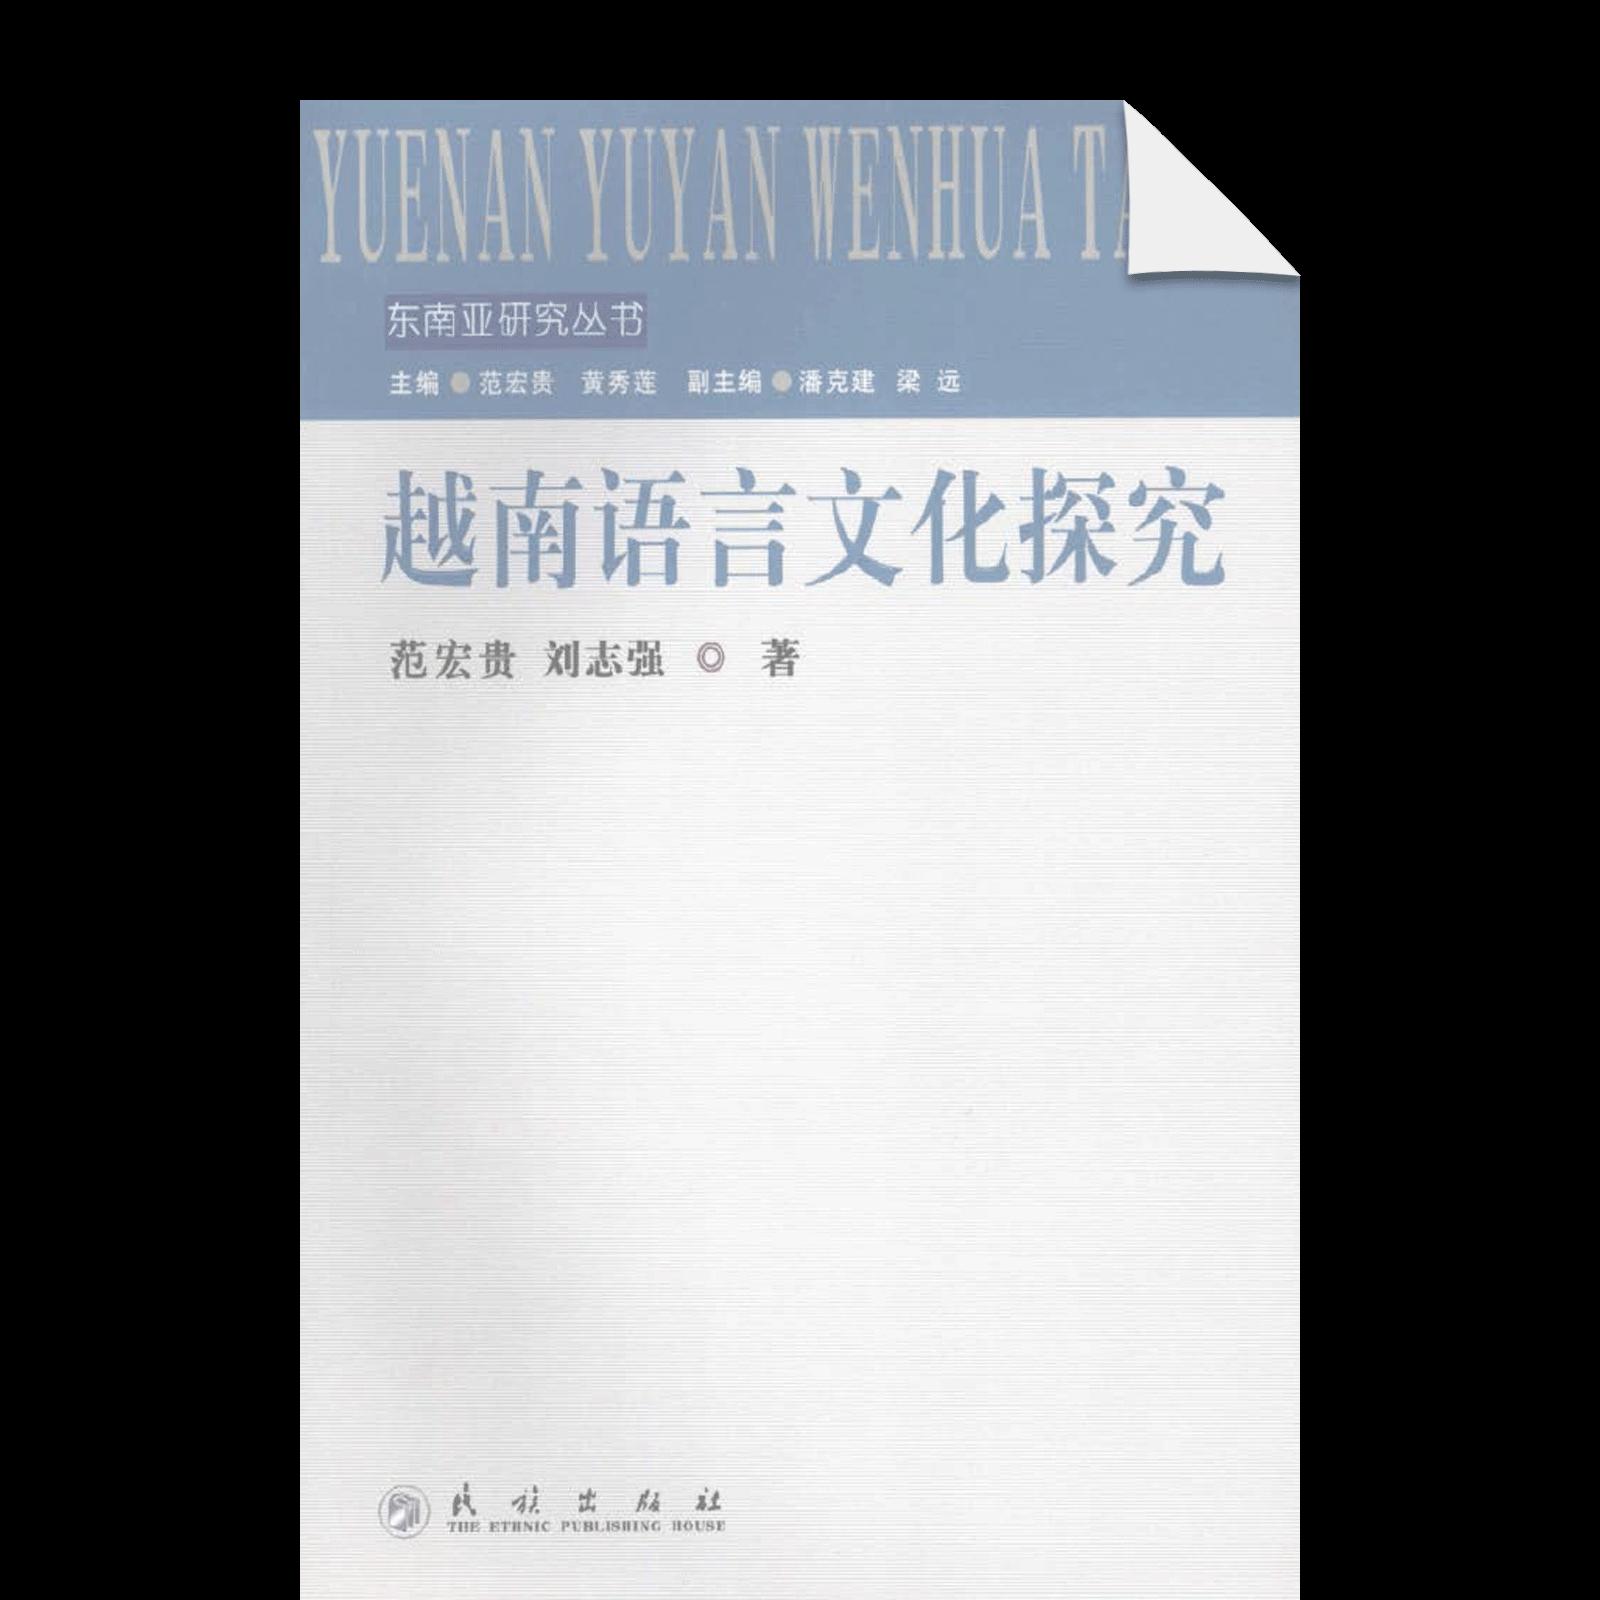 Yuenan Yuyan Wenhua Tanjiu